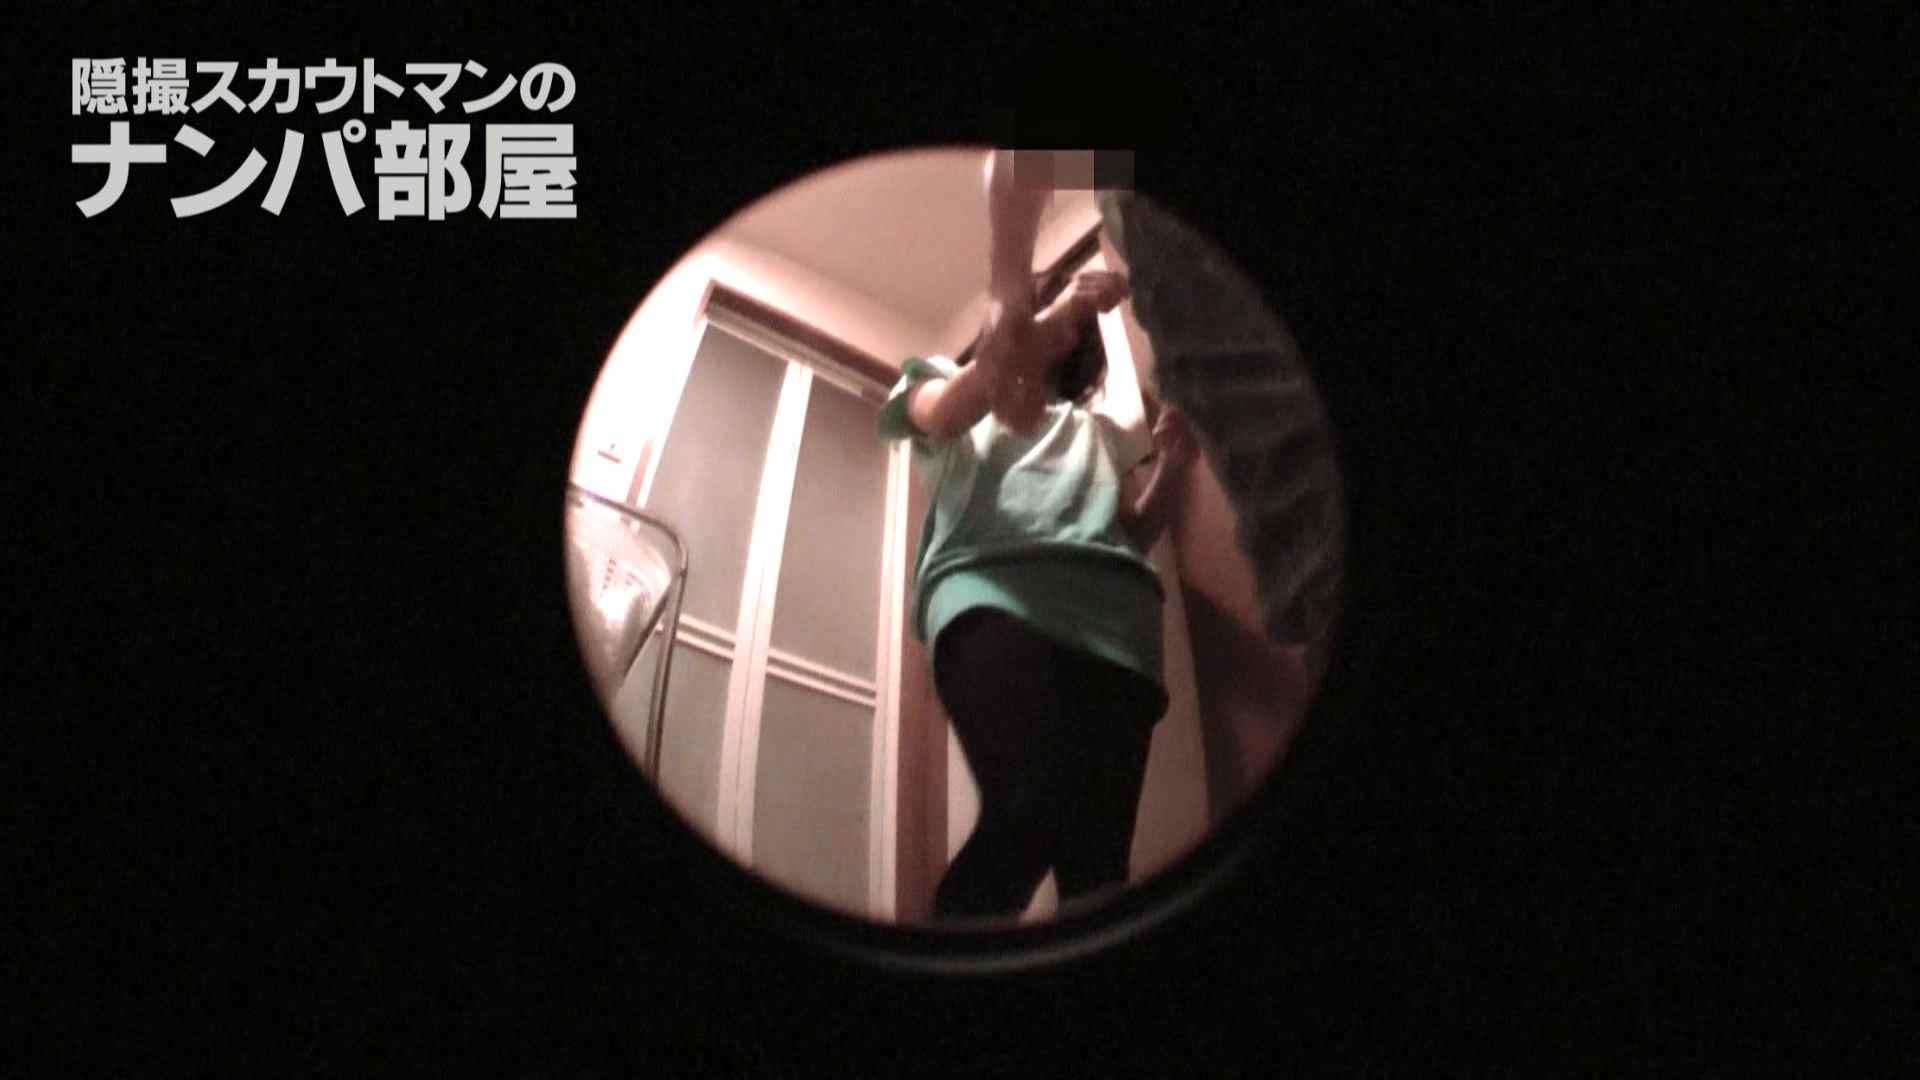 隠撮スカウトマンのナンパ部屋~風俗デビュー前のつまみ食い~ siivol.4 隠撮  74pic 15